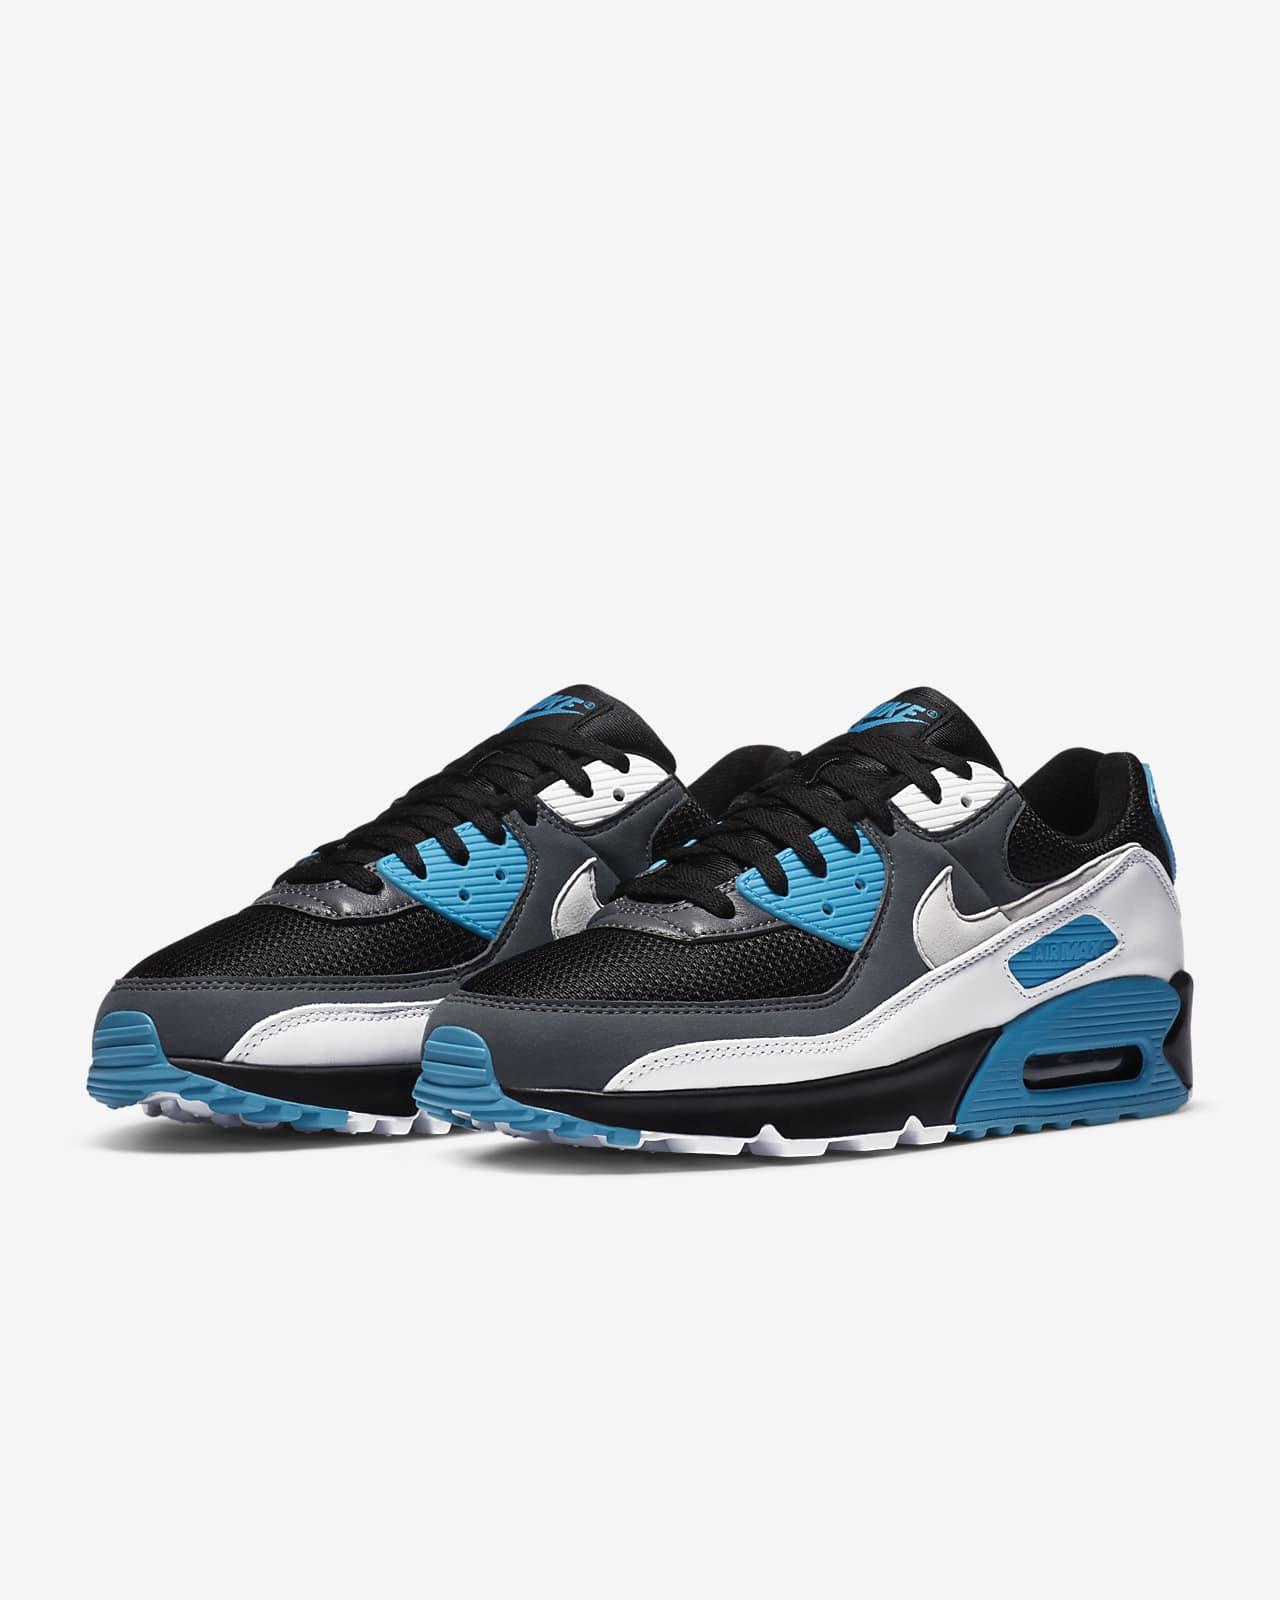 air max 90 hombre azul